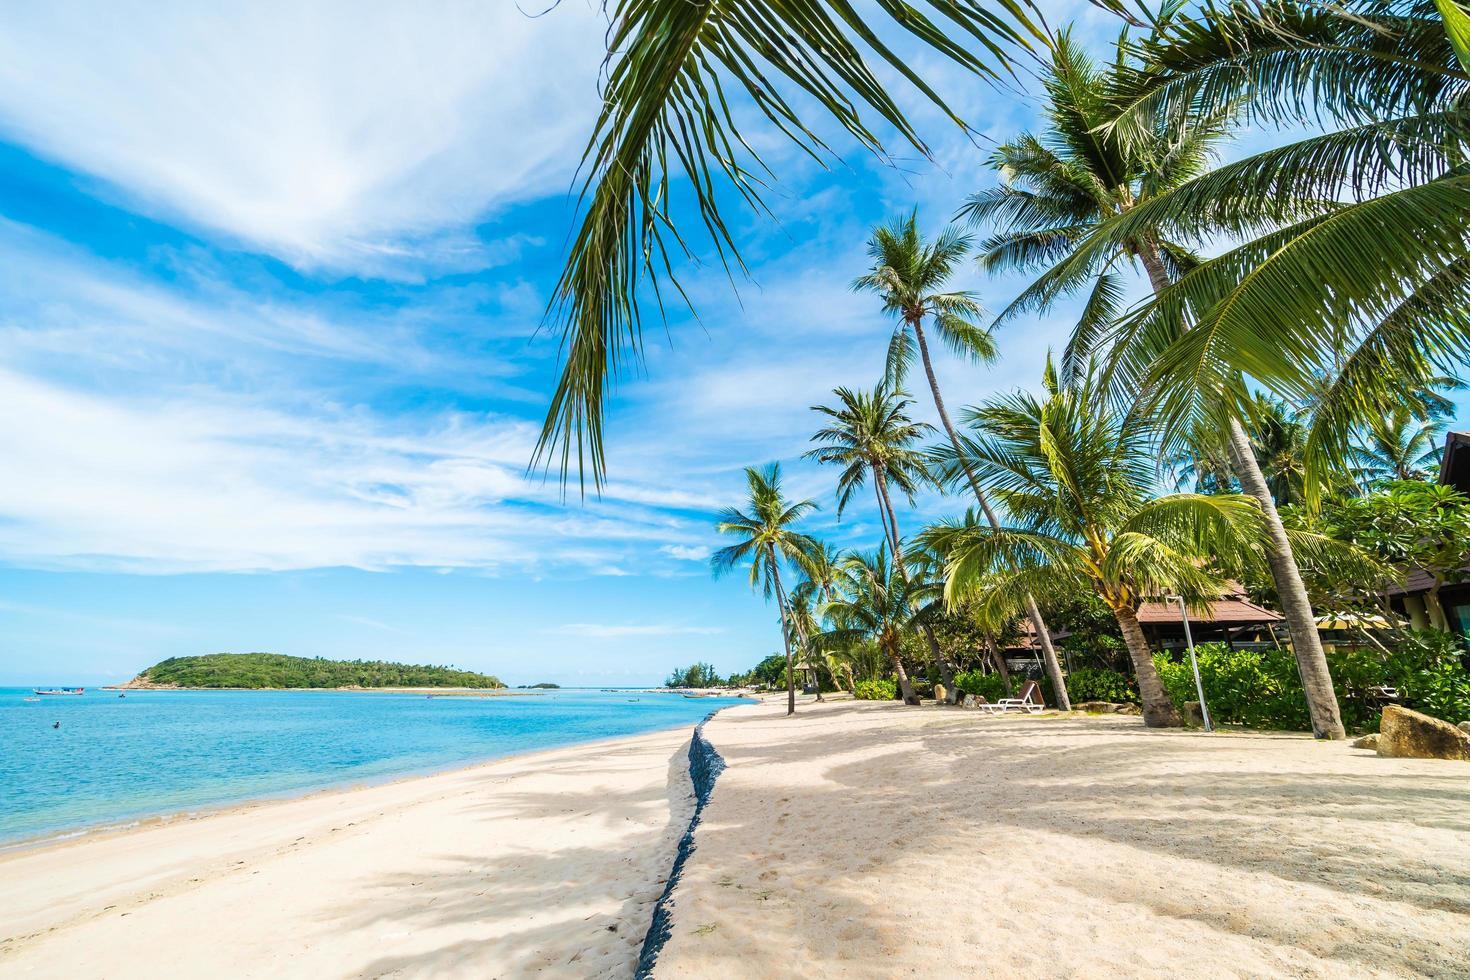 mooi tropisch strandoverzees en zand met kokospalm op blauwe hemel en witte wolk foto